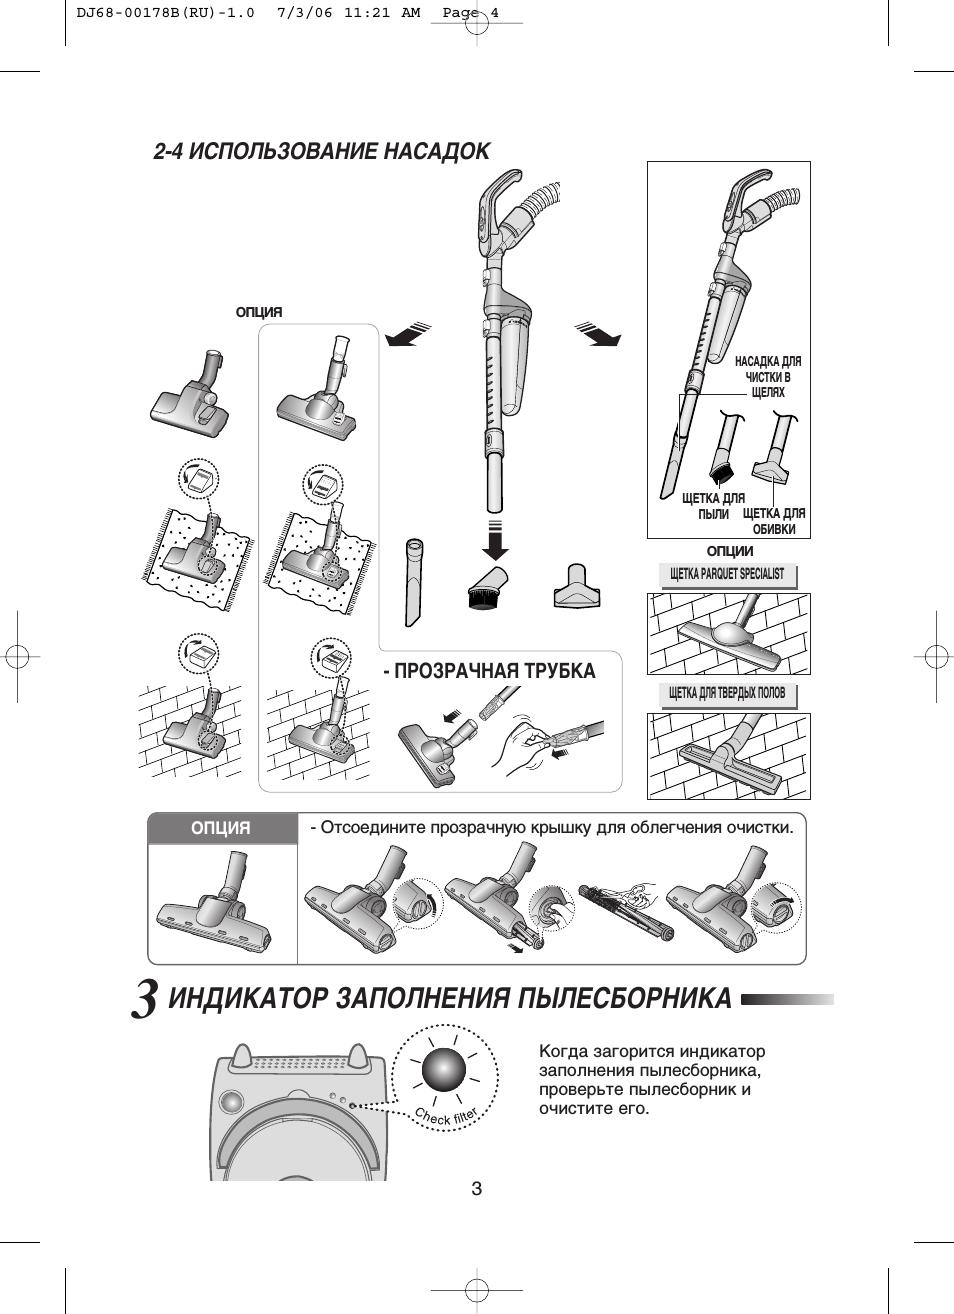 3 индикатор заполнения пылесборника